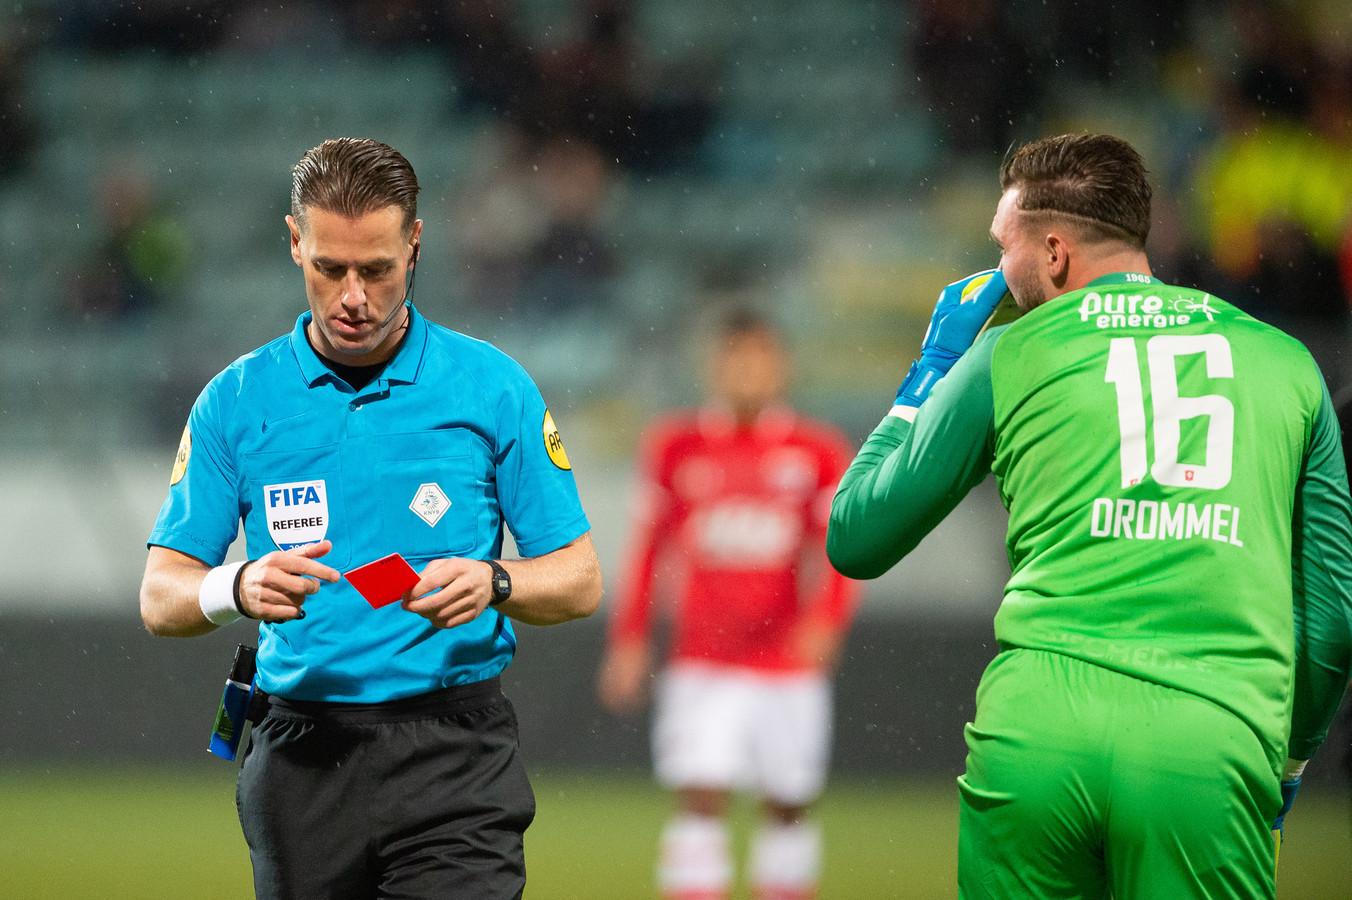 Scheidsrechter Danny Makkelie geeft Joel Drommel de rode kaart.